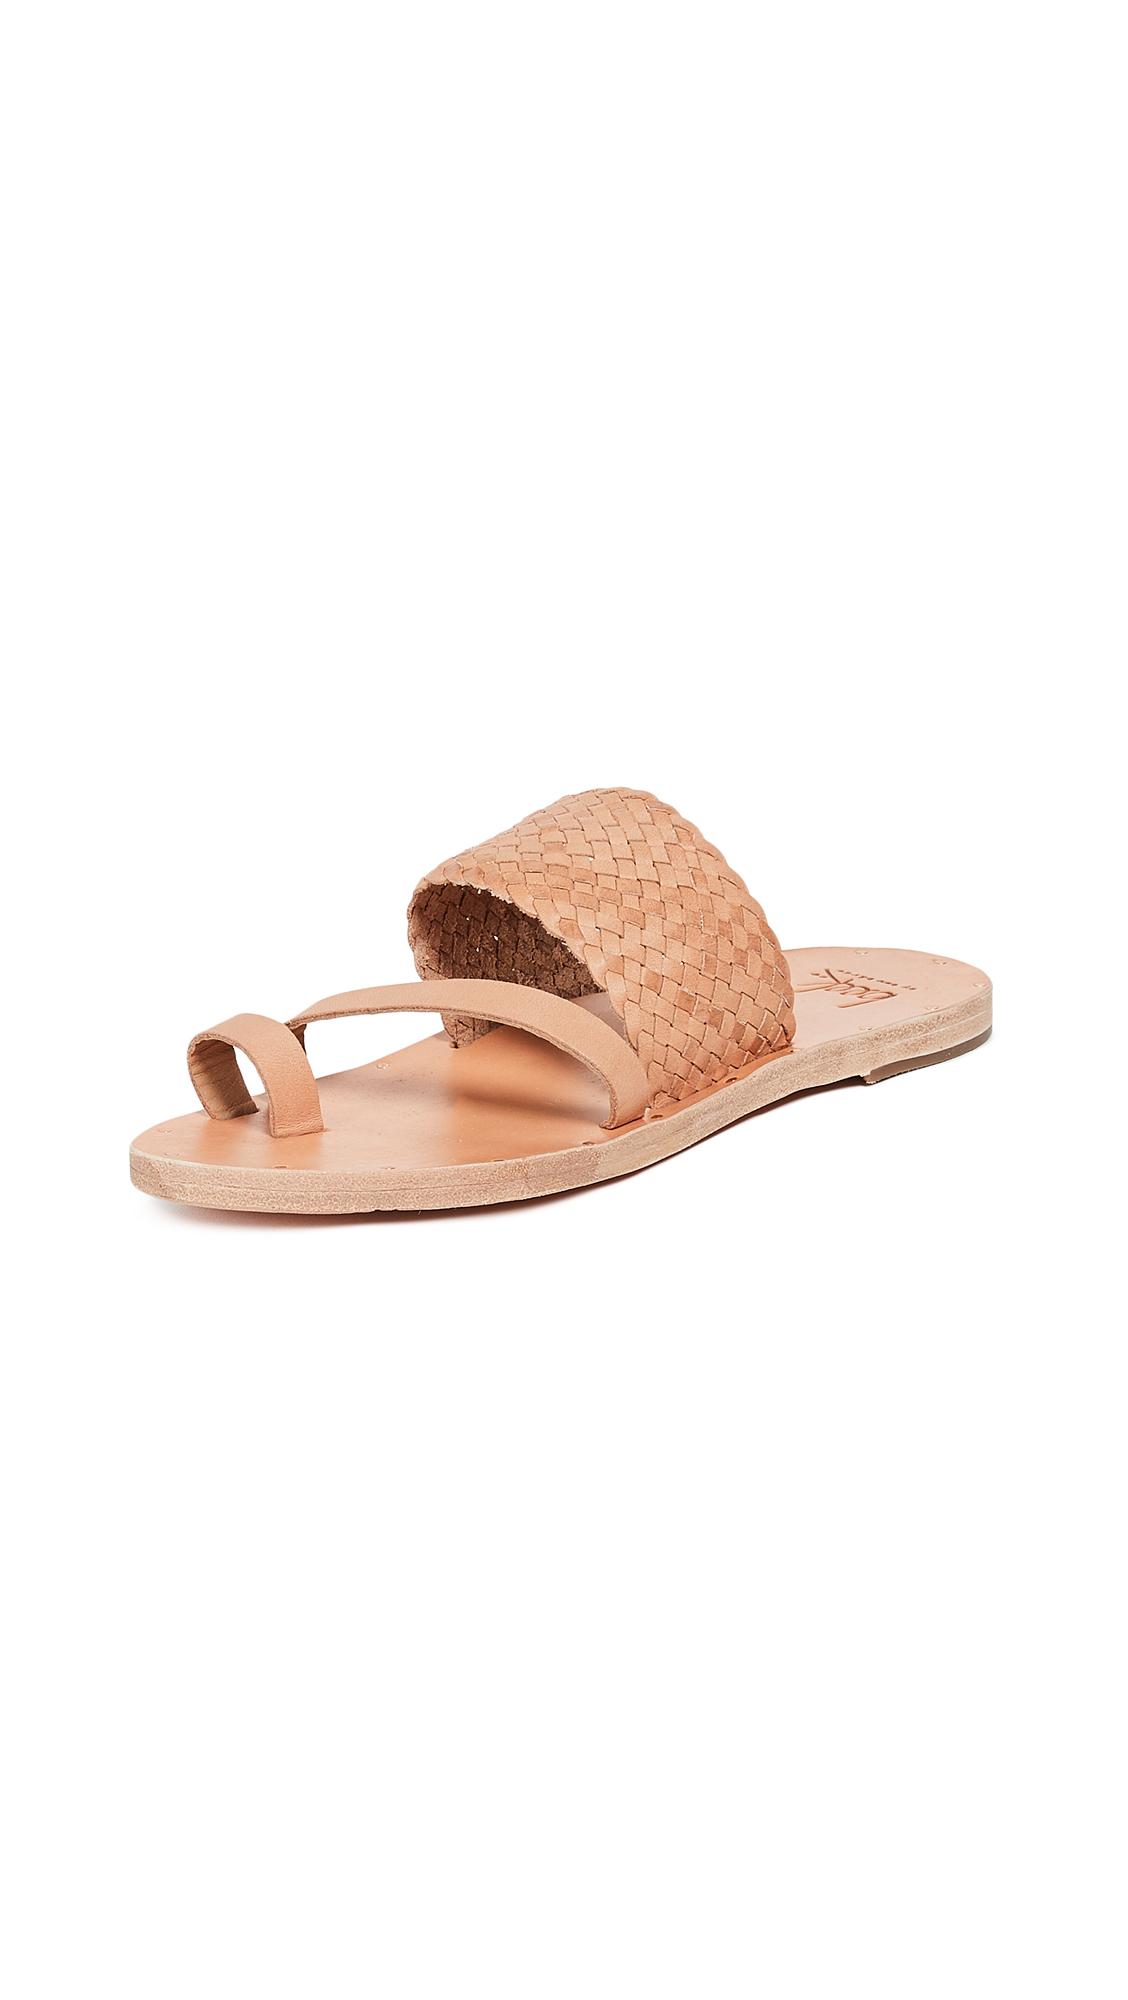 beek Cockatiel Toe Ring Sandals - Natural/Natural